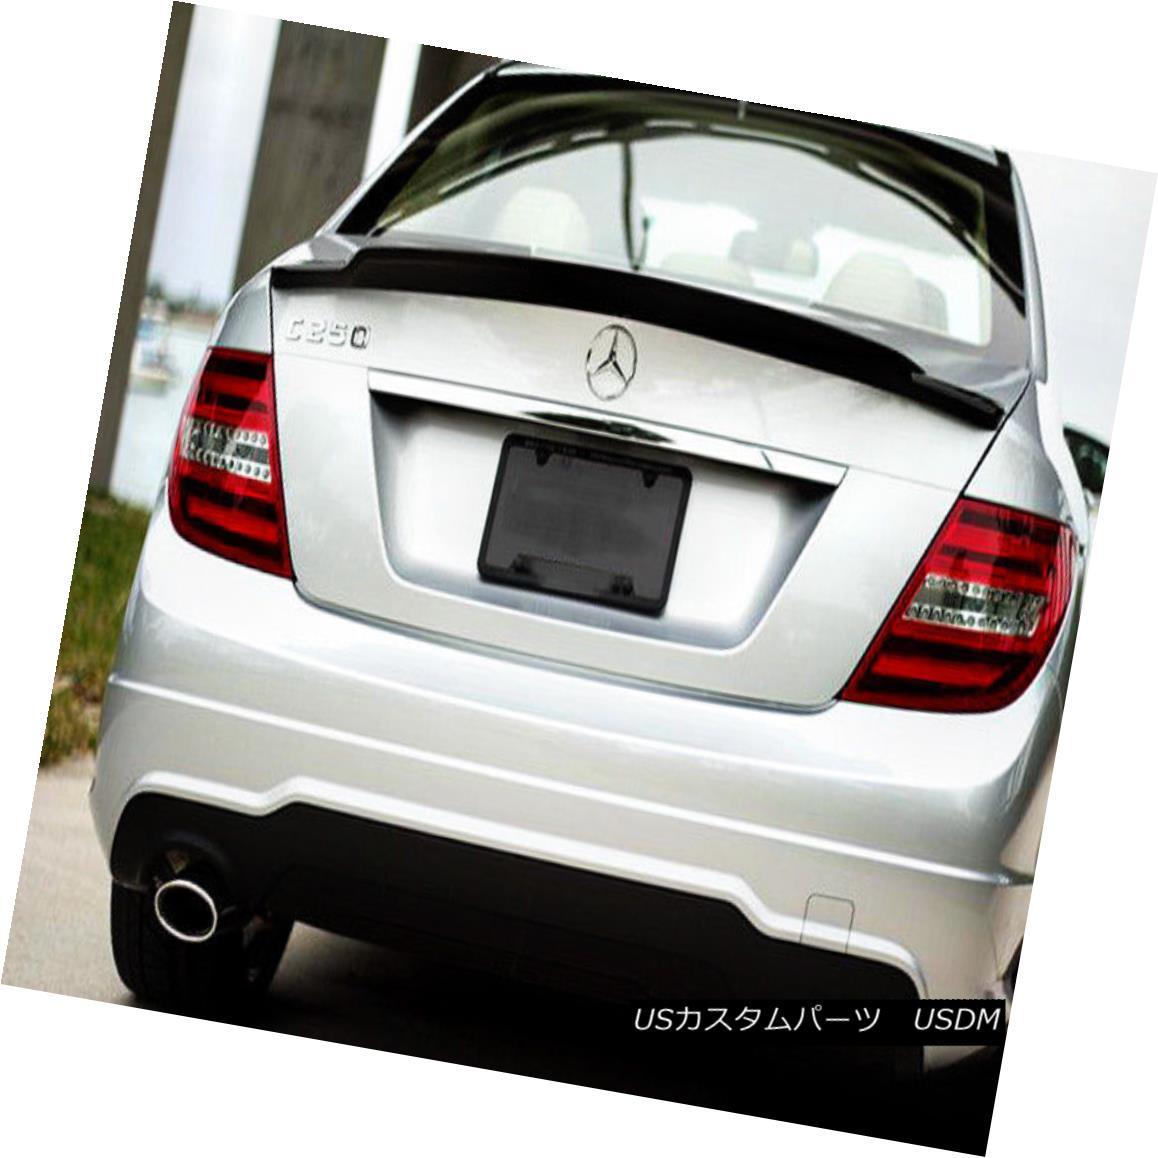 エアロパーツ ABC Rear Trunk Spoiler Lip For BENZ W204 C63 C-Class Renntech Style Carbon Fiber ベンツW204 C63用ABCリアトランクスポイラーリップCクラスRenntechスタイルカーボンファイバー